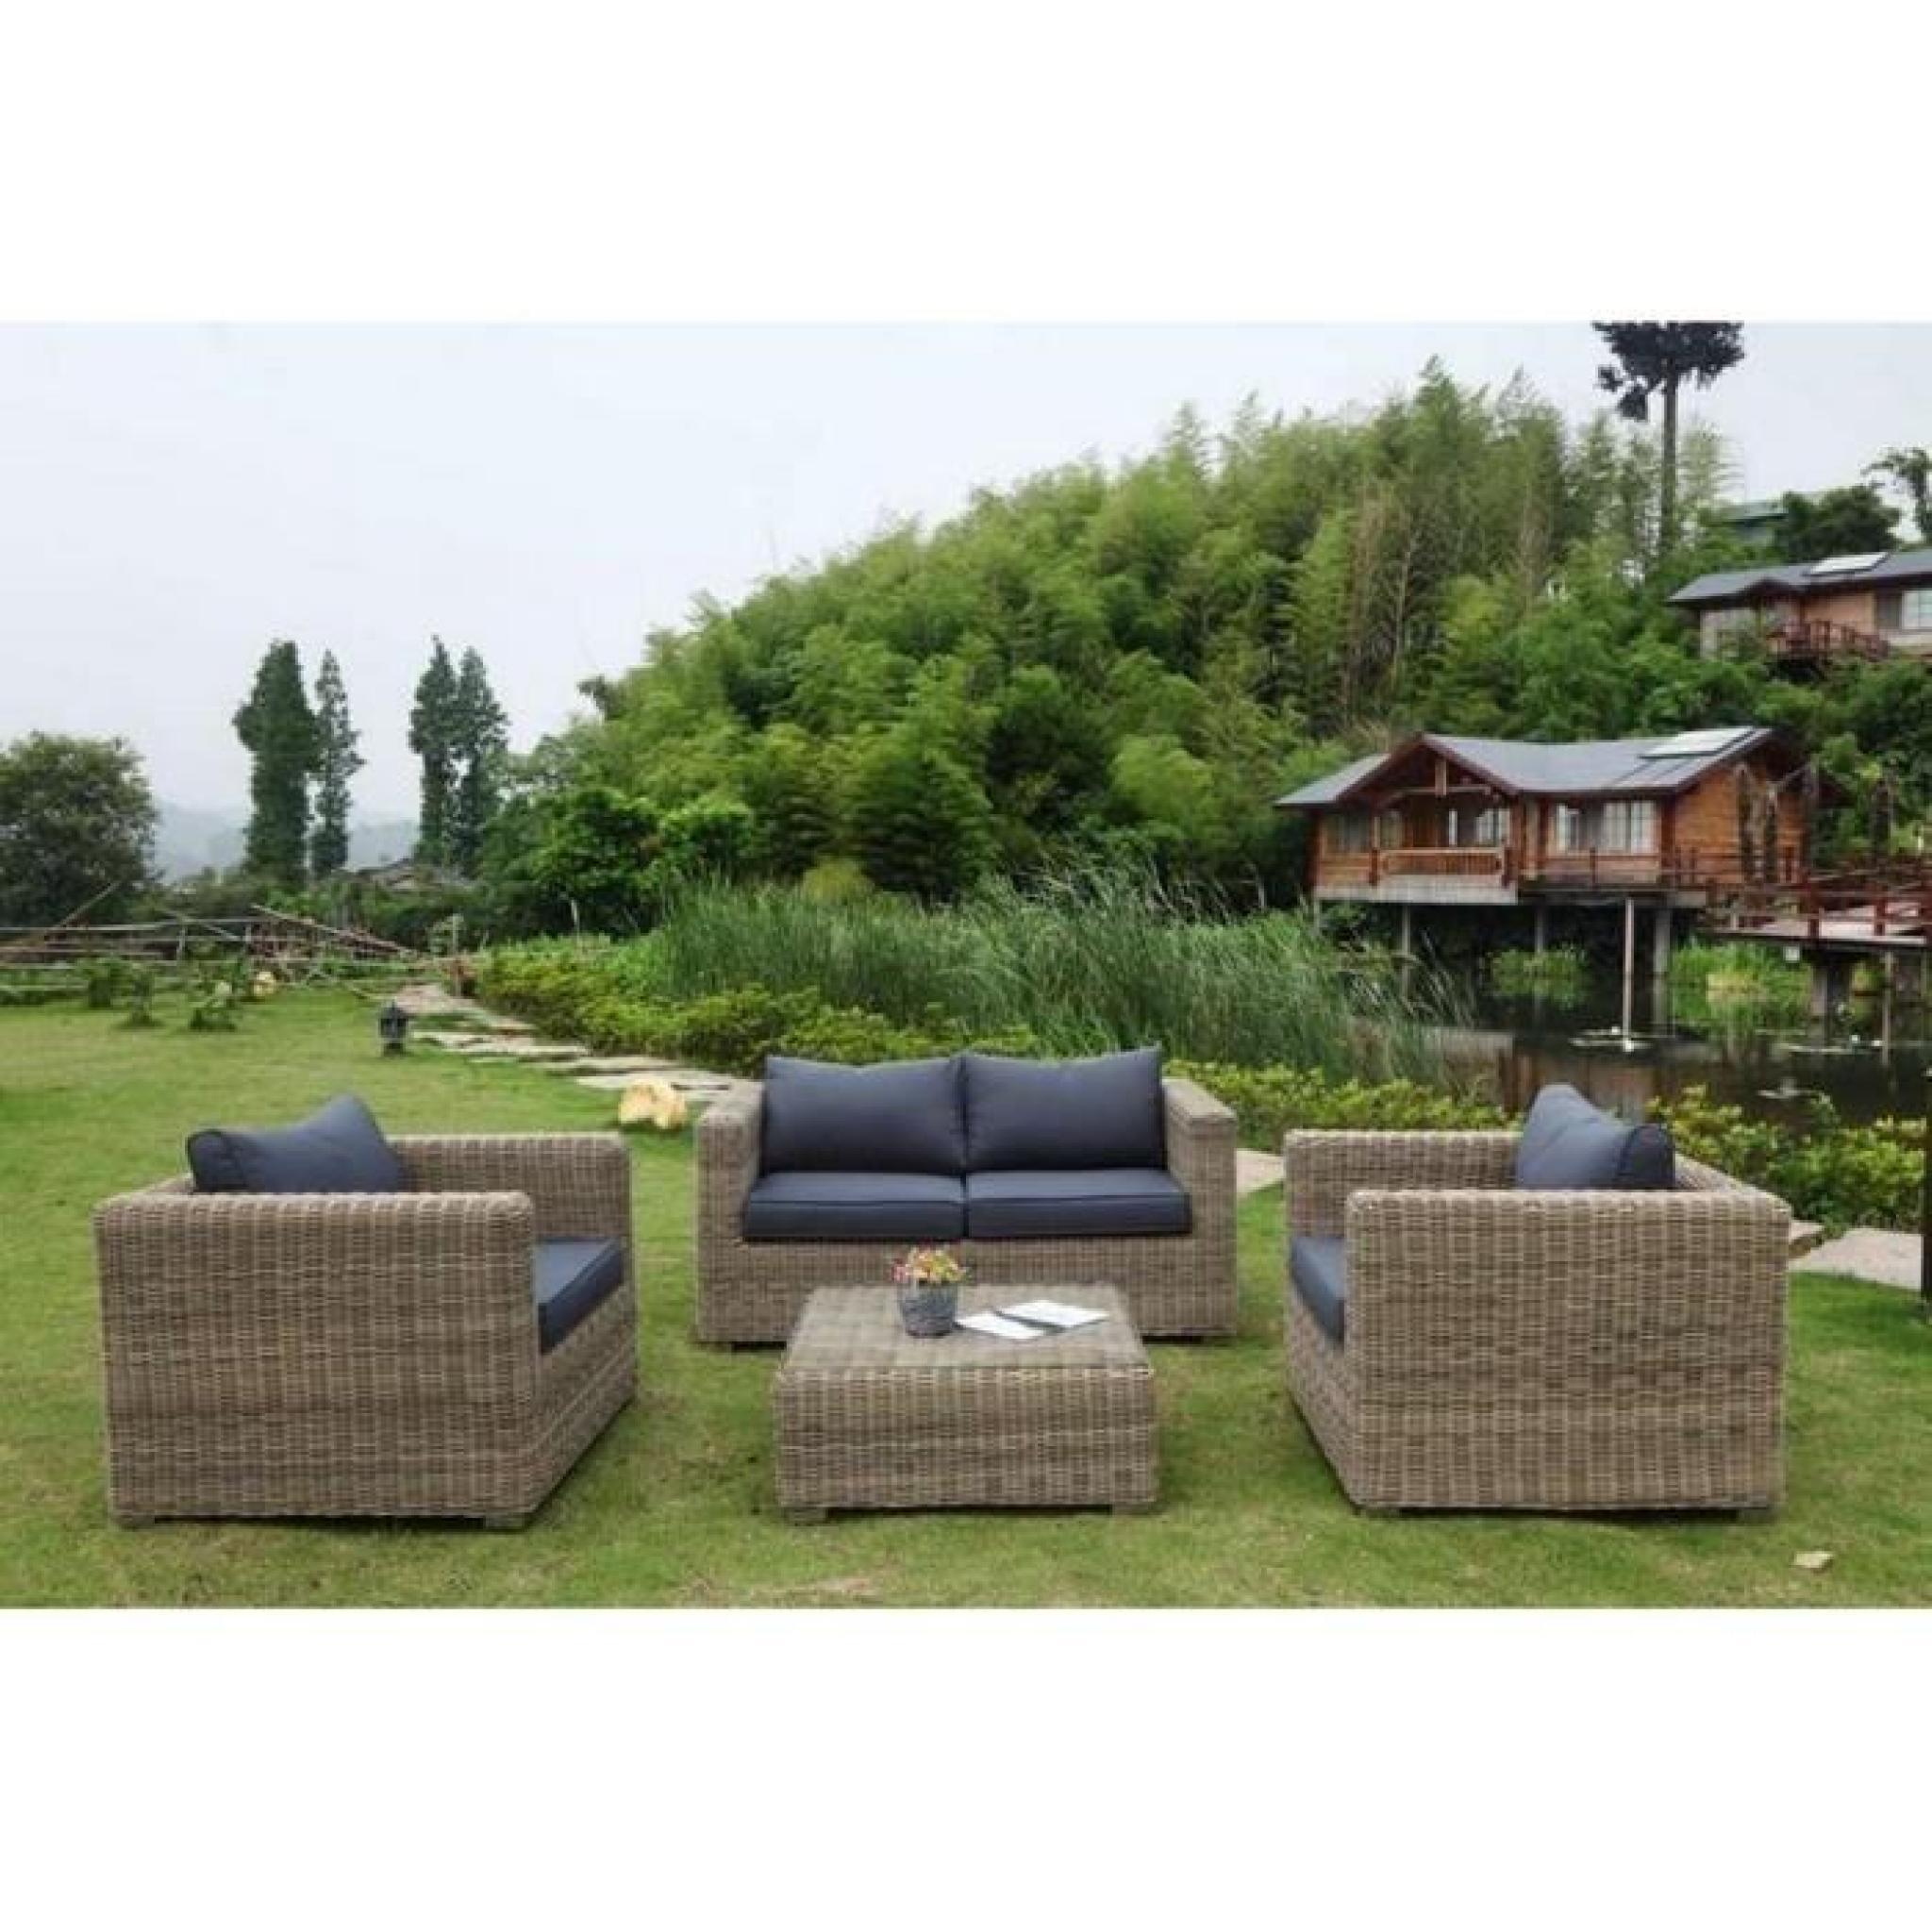 salon de jardin r sine tress e ronde ensemble 4 places aurea osier achat vente salon de jardin. Black Bedroom Furniture Sets. Home Design Ideas